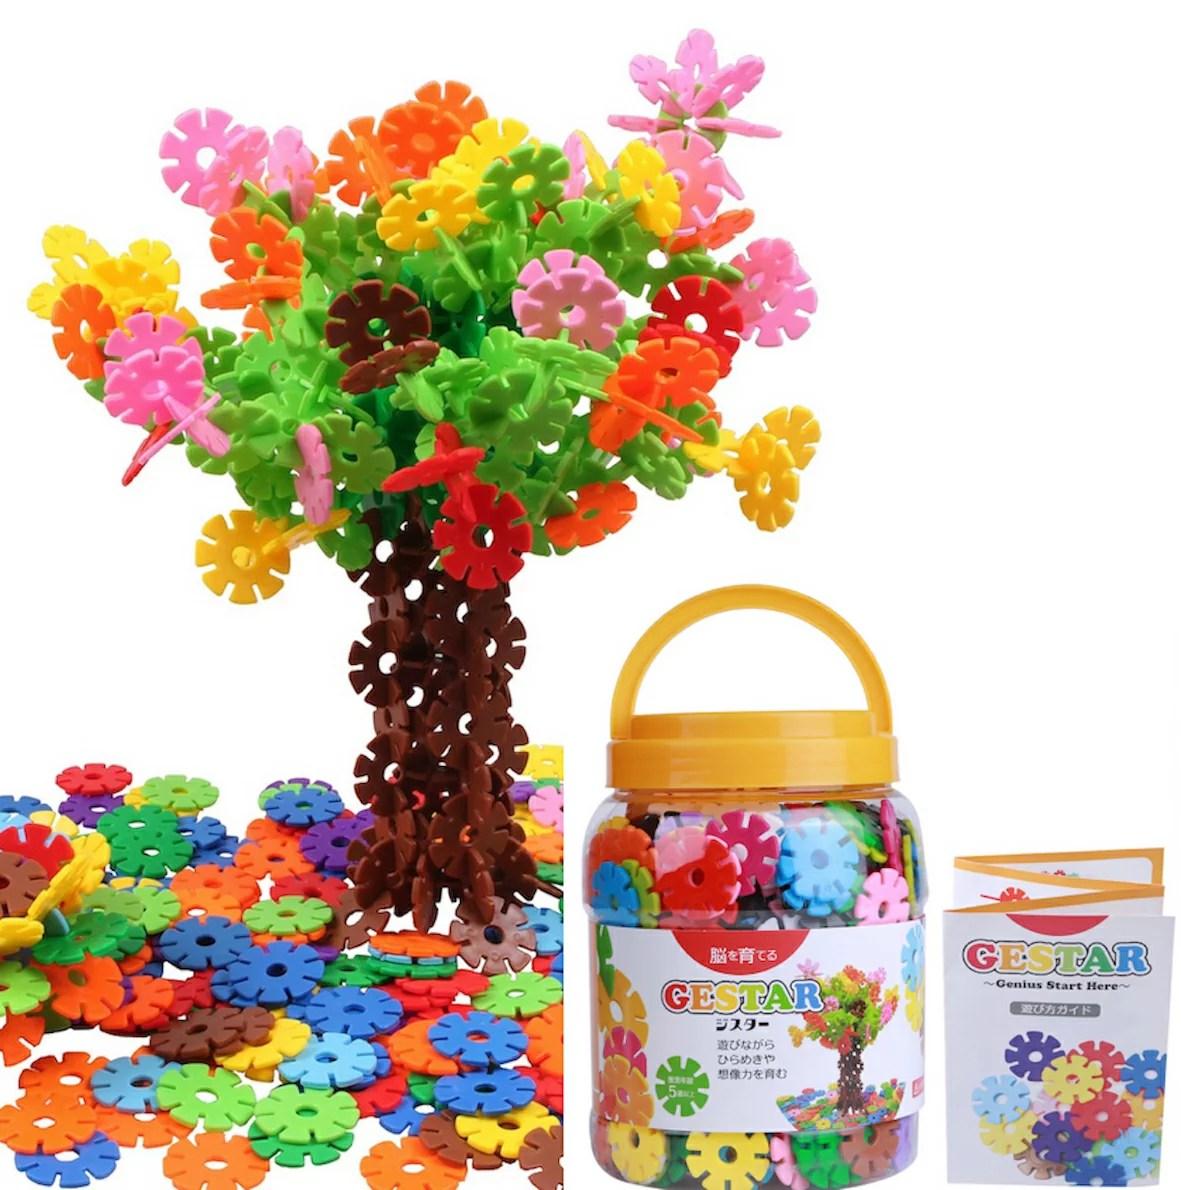 【公式】 GESTAR (ジスター) 天才のはじまり 知育玩具 ブロック おもちゃ 知育 ひもとおし 紐通し 2歳 ~ 7歳 動画説明書付 積み木 知育おもちゃ はめ込み 男の子 女の子 3歳 4歳 5歳 6歳 520ピース